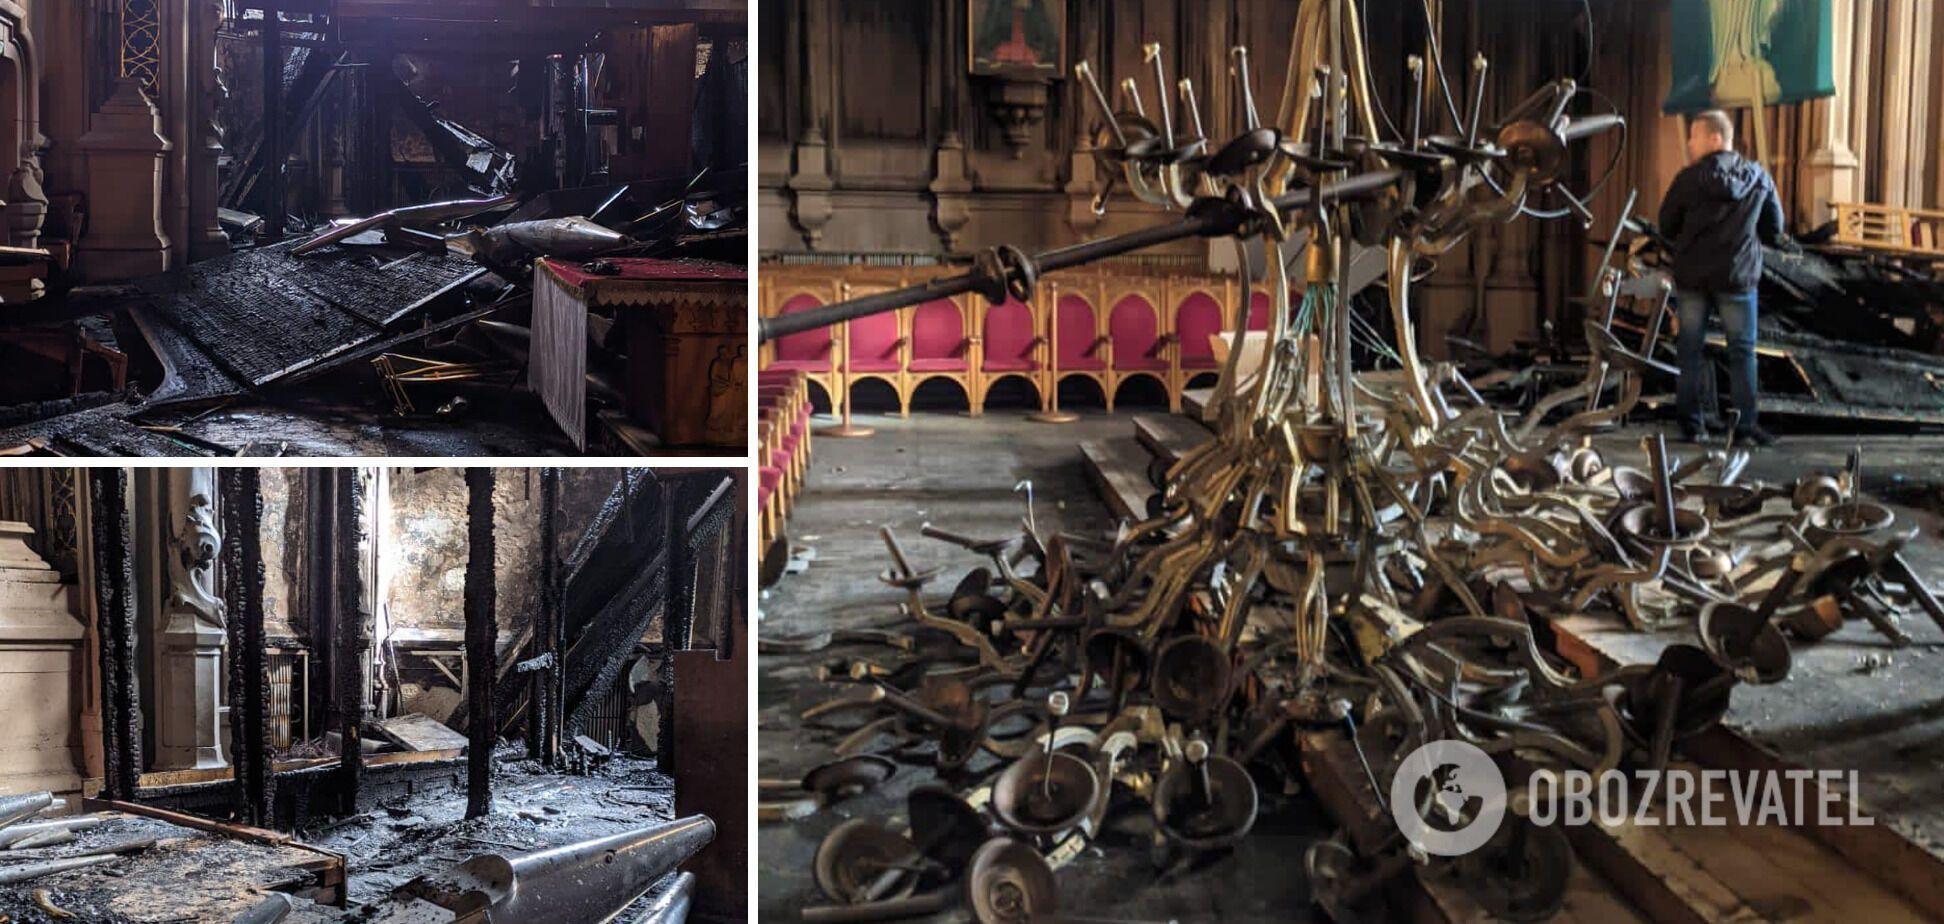 В результате пожара сгорел орган и упала люстра.